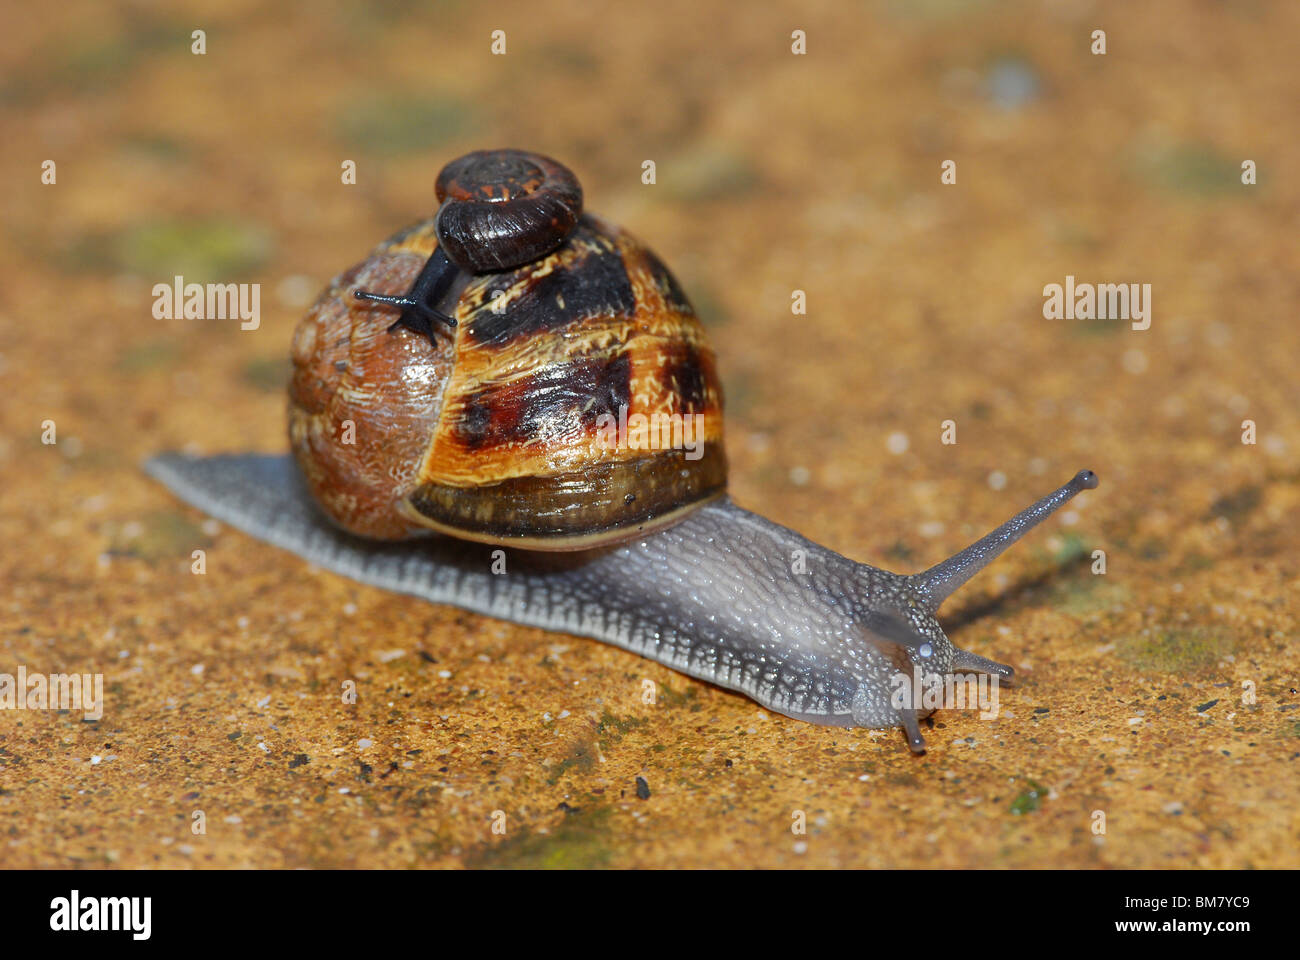 Baby Garden Snail Stock Photos & Baby Garden Snail Stock Images - Alamy